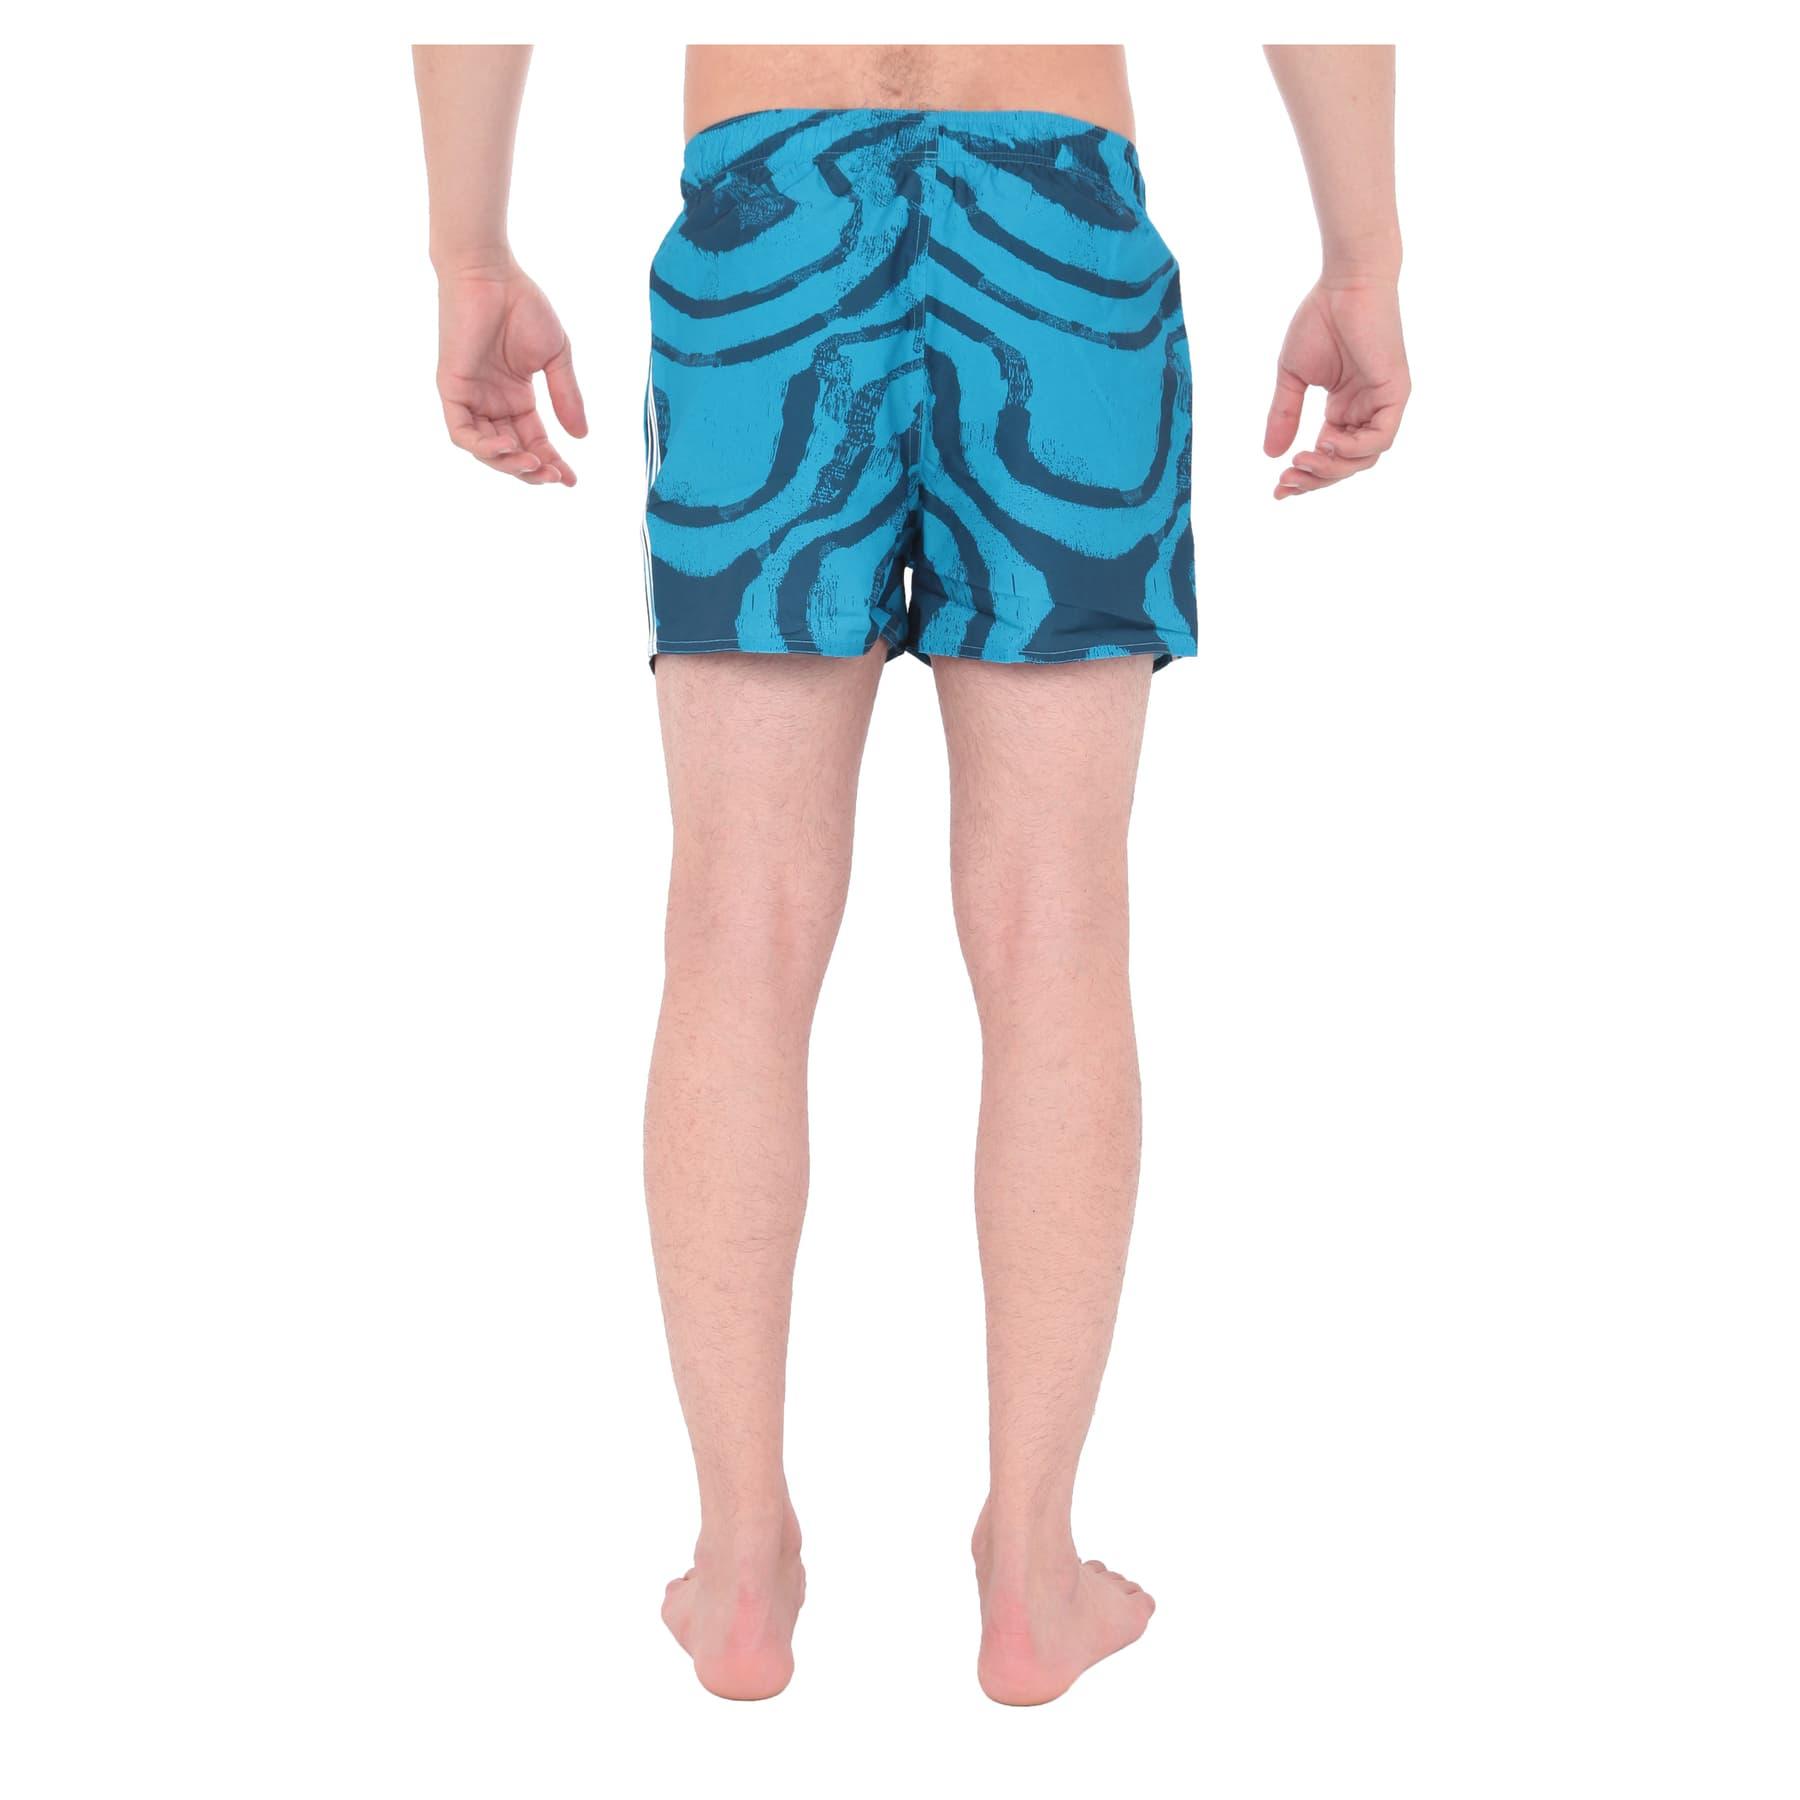 3 Bantlı Desenli Mavi Erkek Yüzücü Şortu